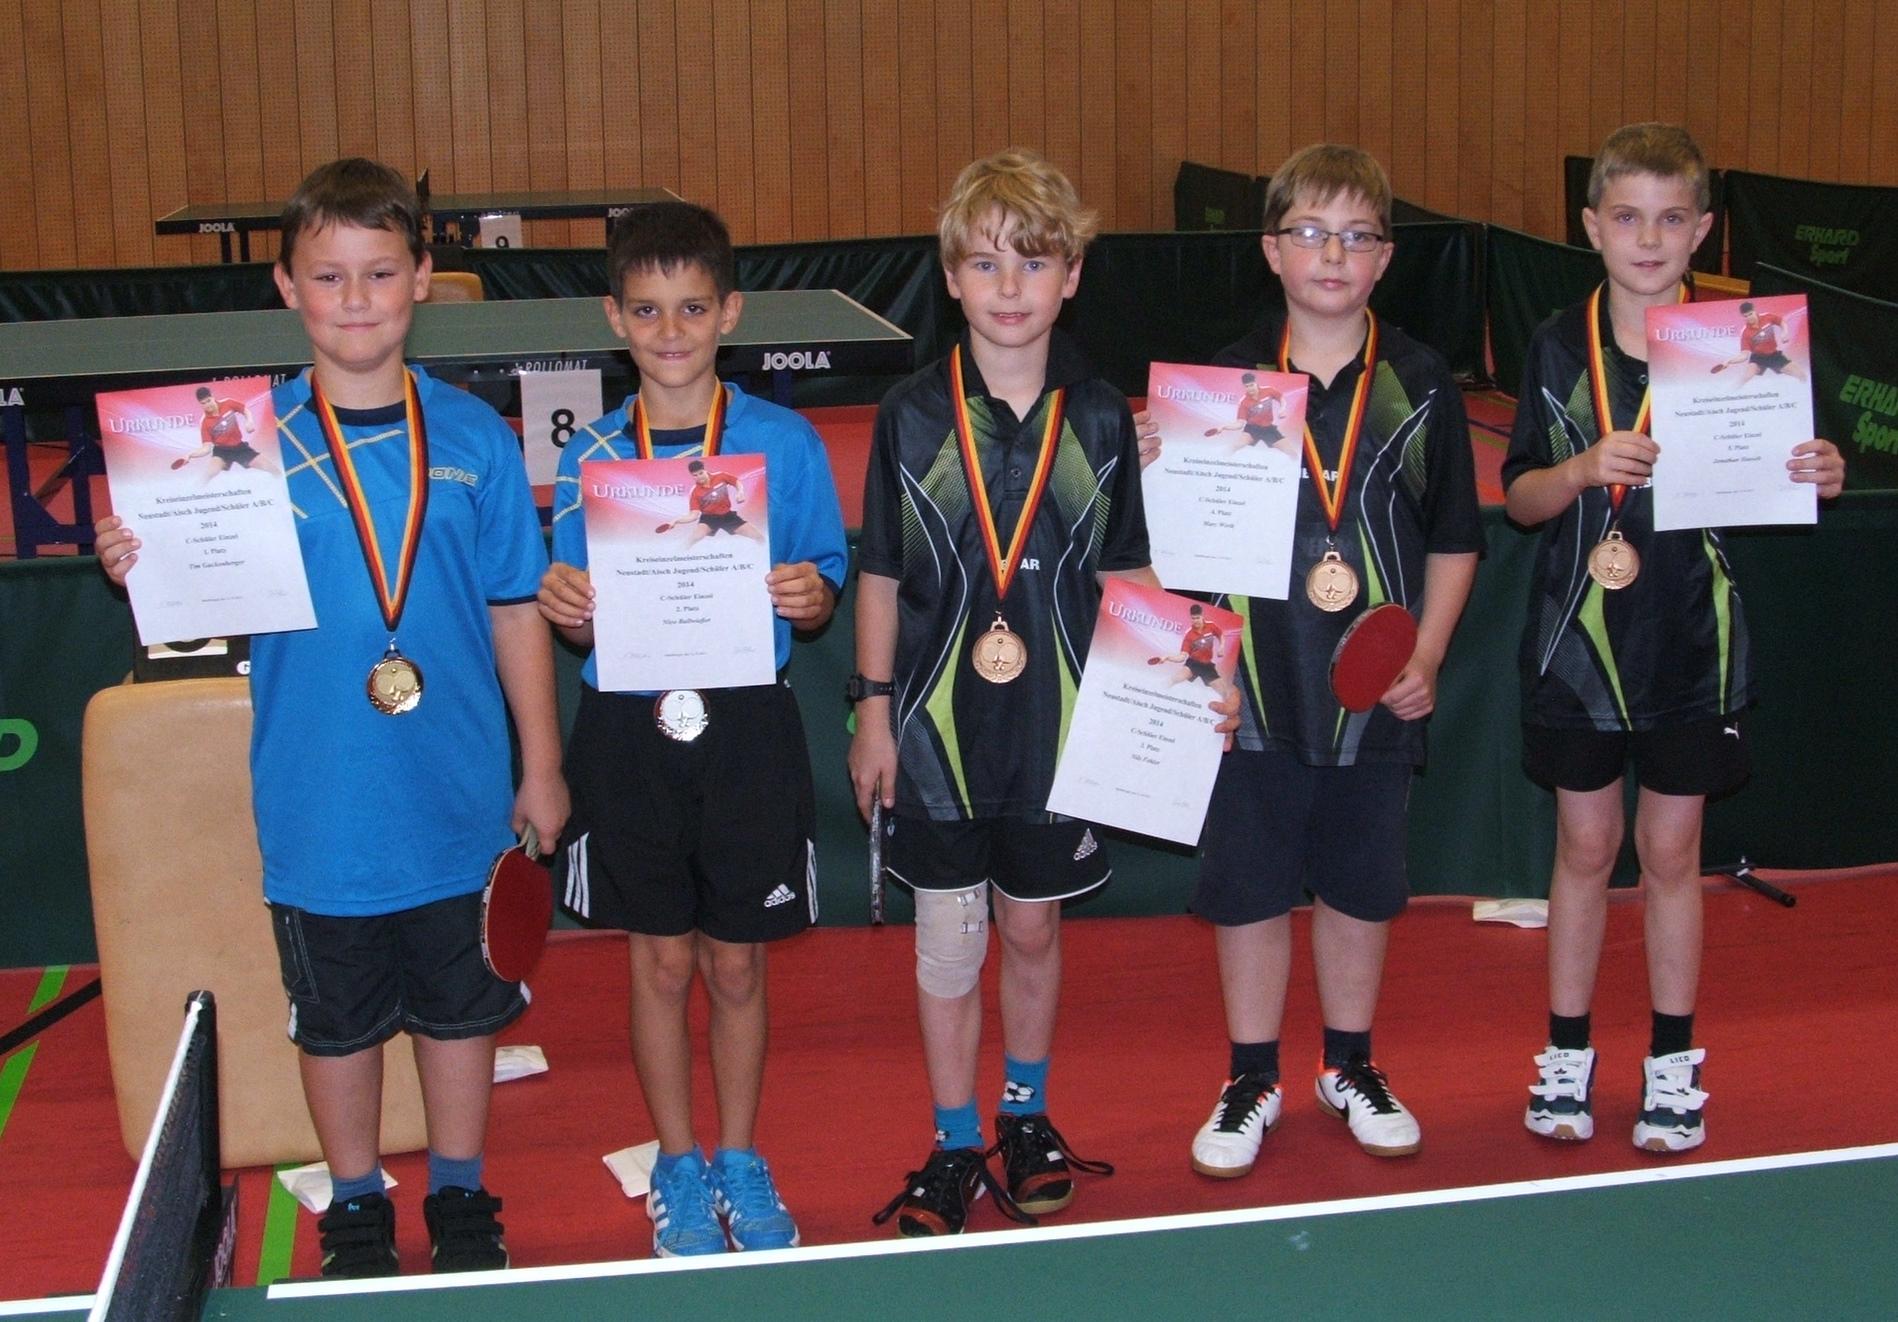 Kreismeisterschaft_Jugend-2014